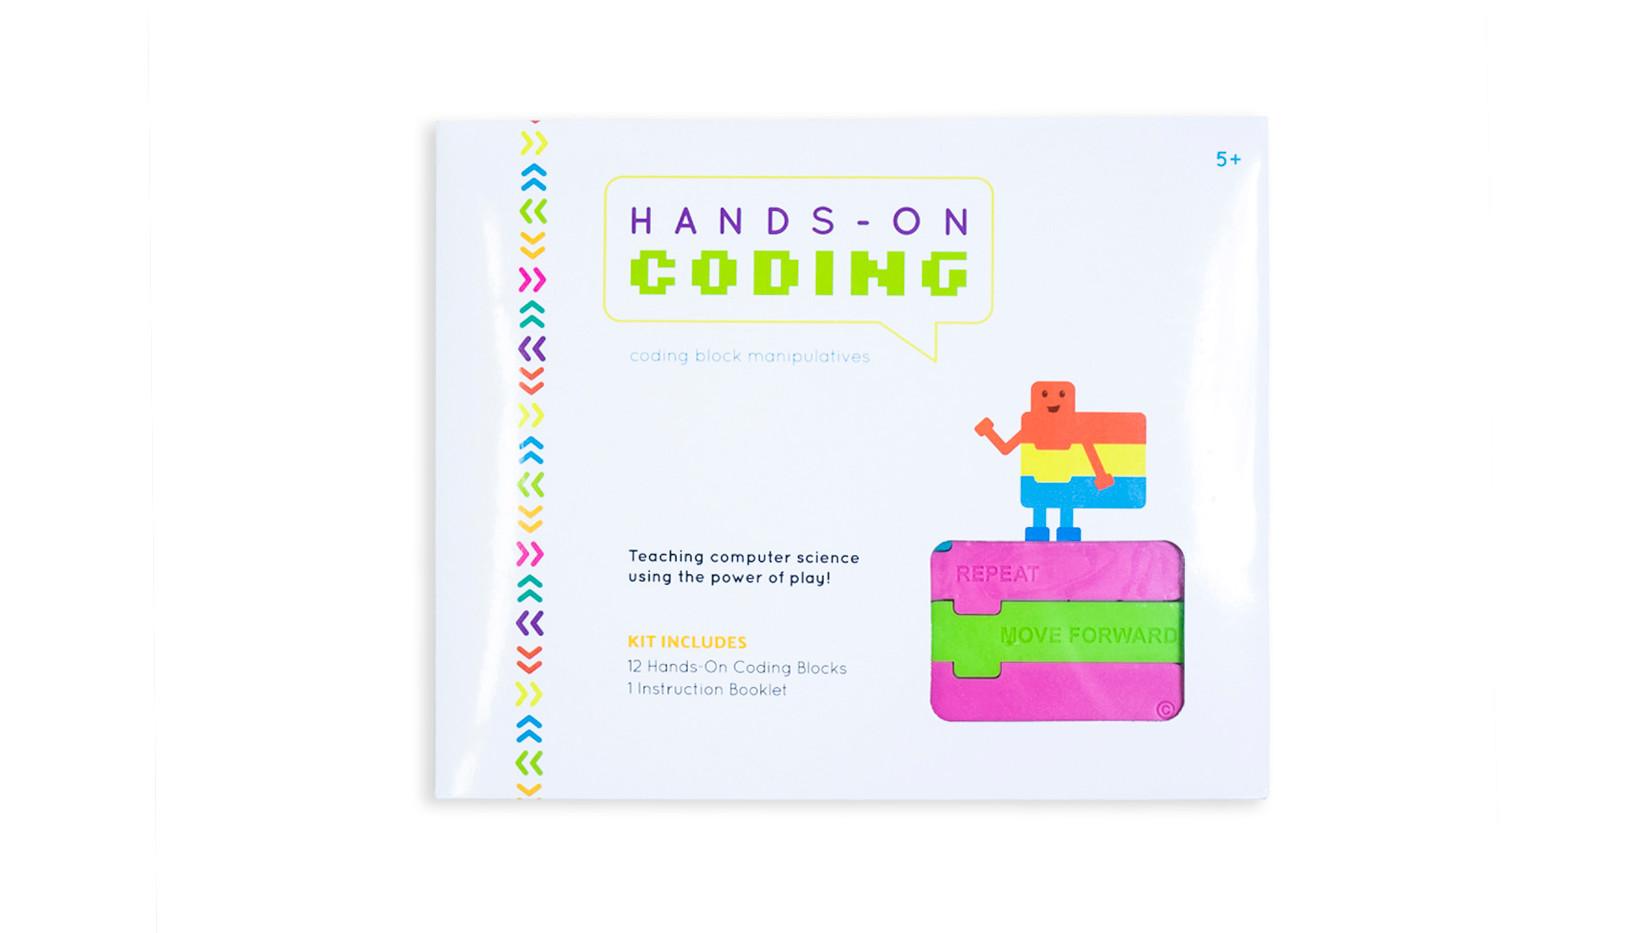 HANDSON_01.jpg